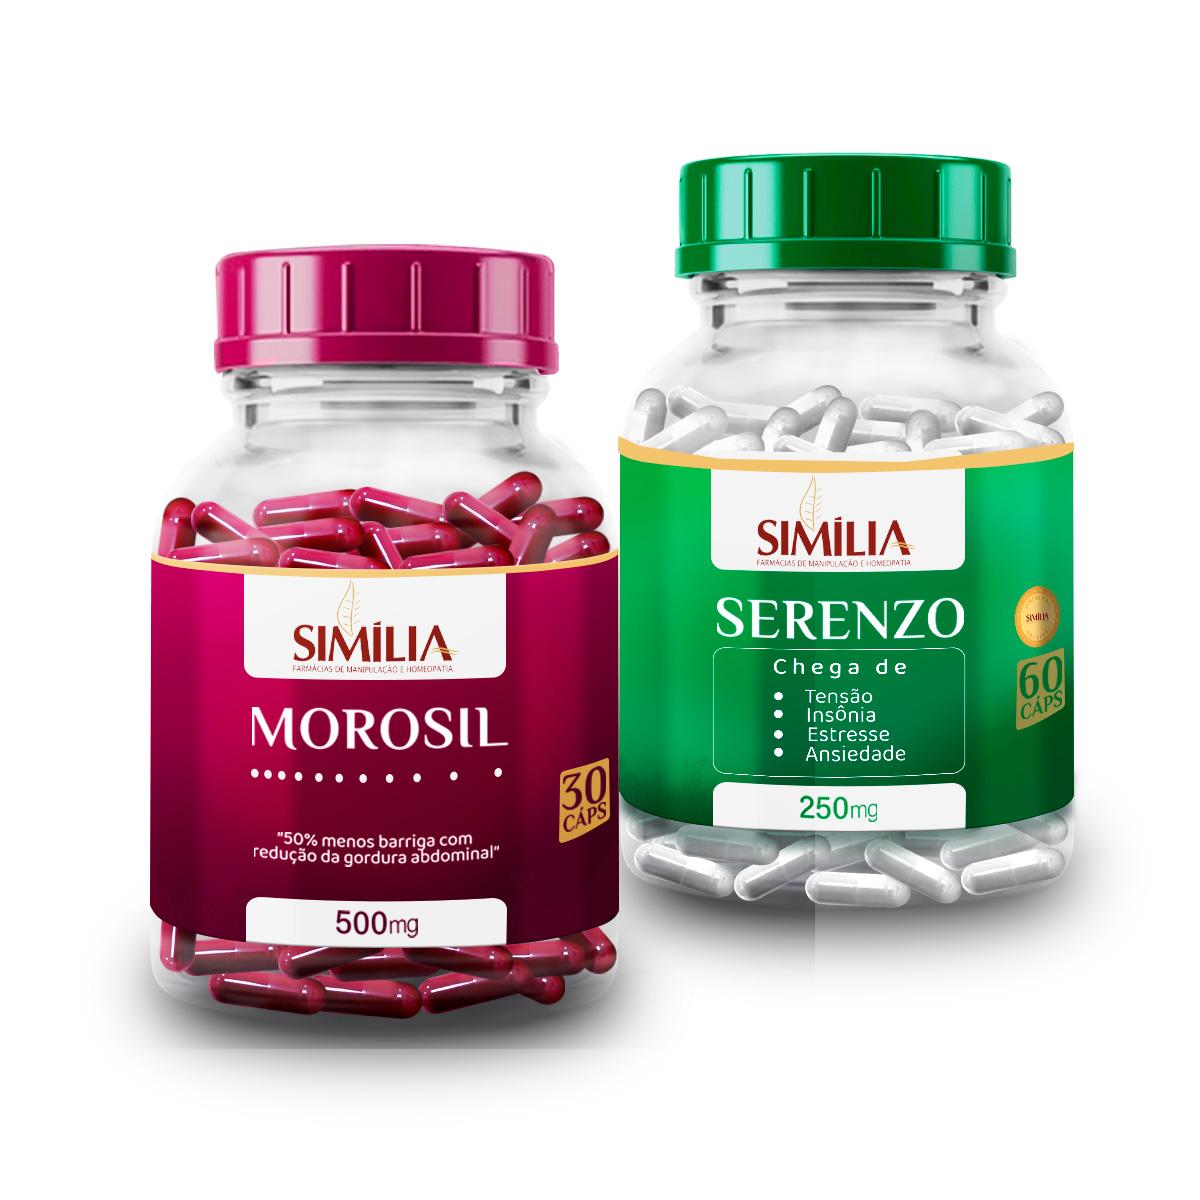 Kit Modelando Sem Estresse - Serenzo+Morosil